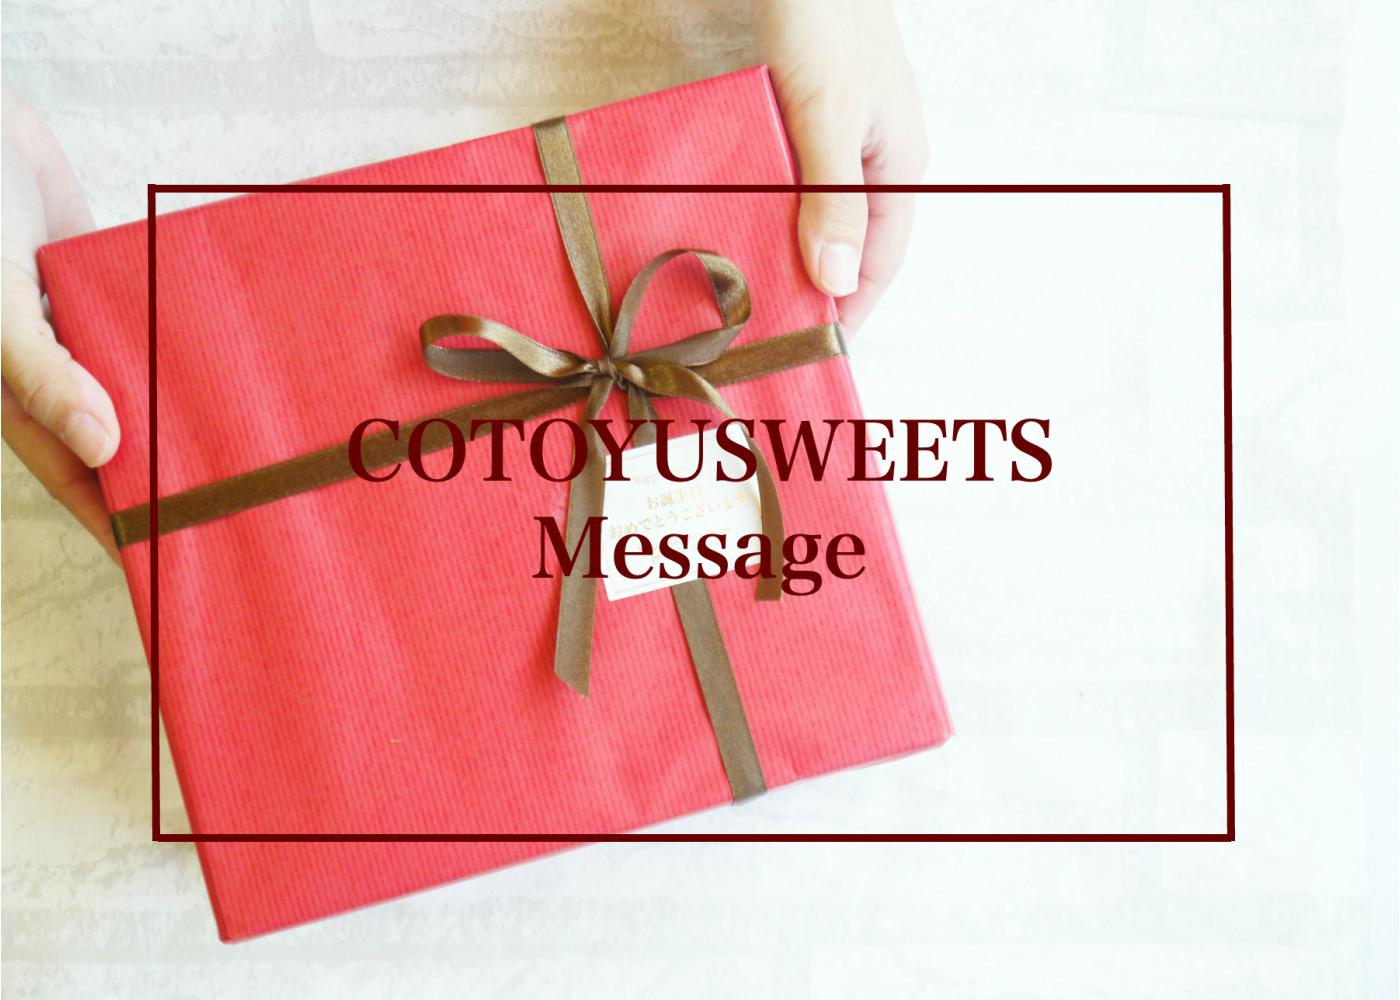 心優-cotoyu sweets-のコンセプトと込めた想い